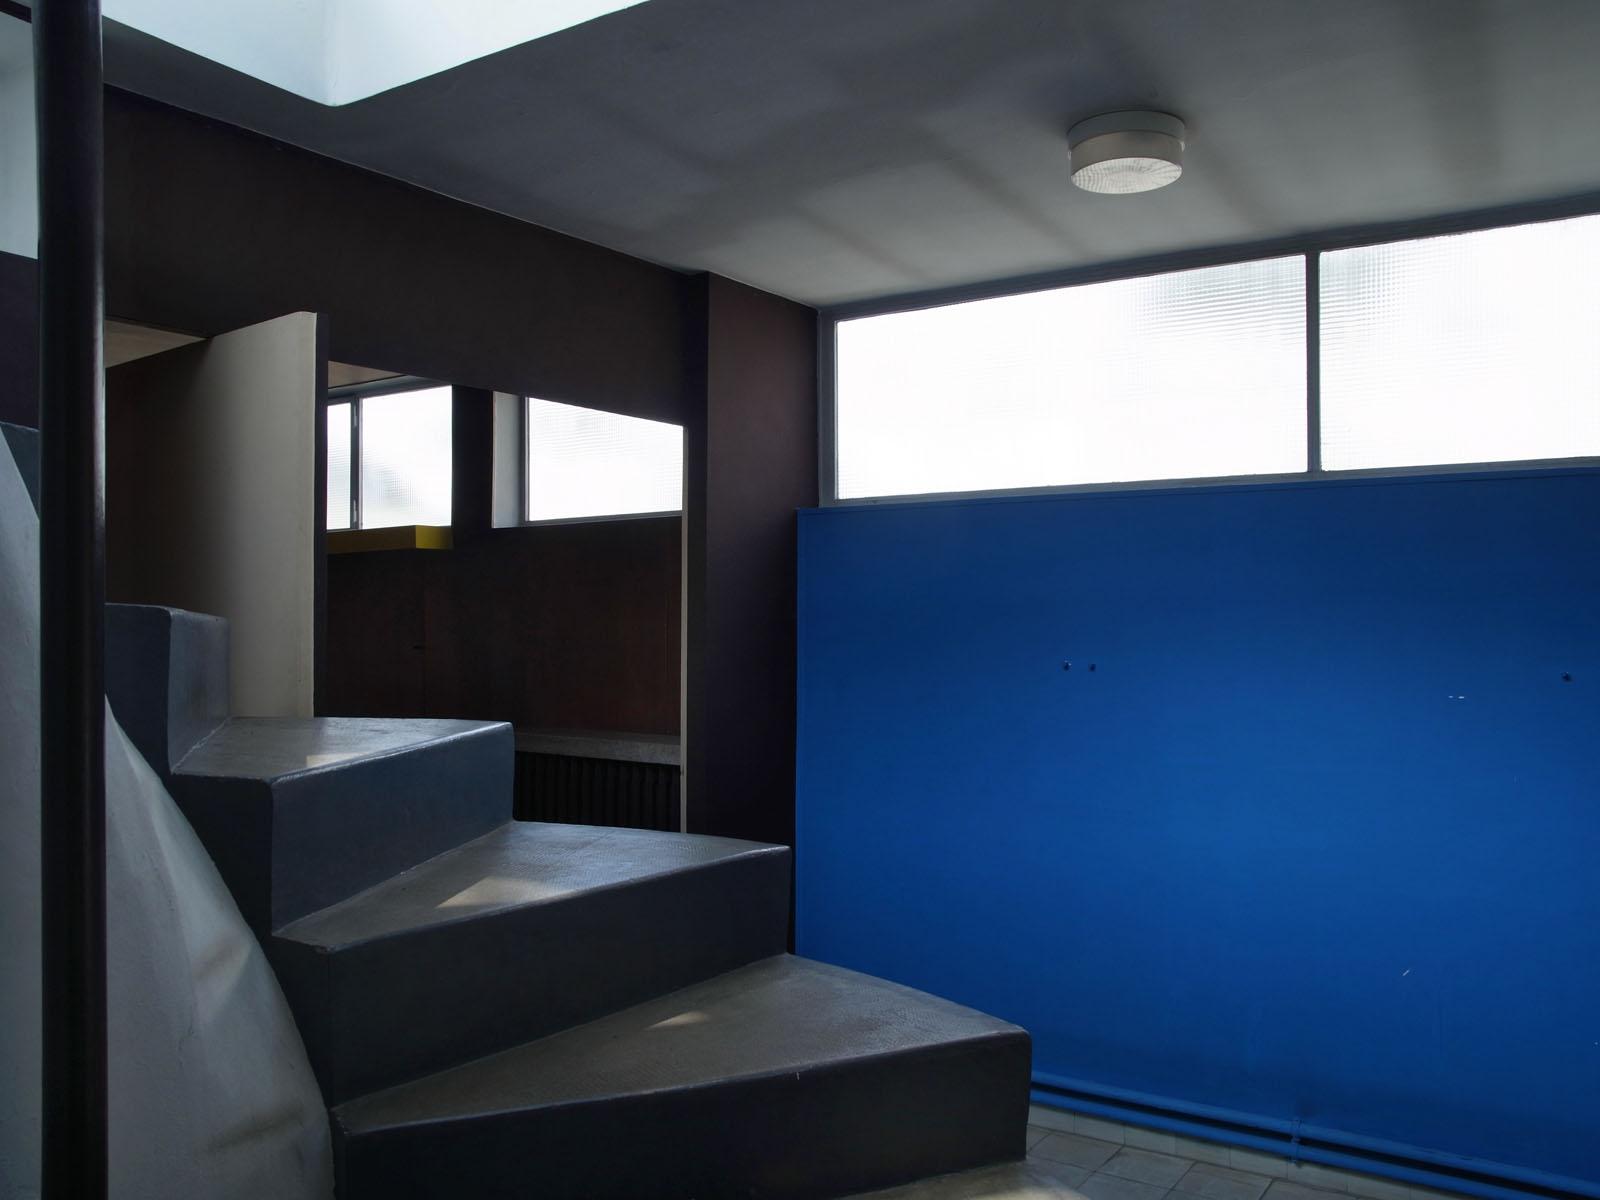 jlggbblog3 juillet 2012. Black Bedroom Furniture Sets. Home Design Ideas